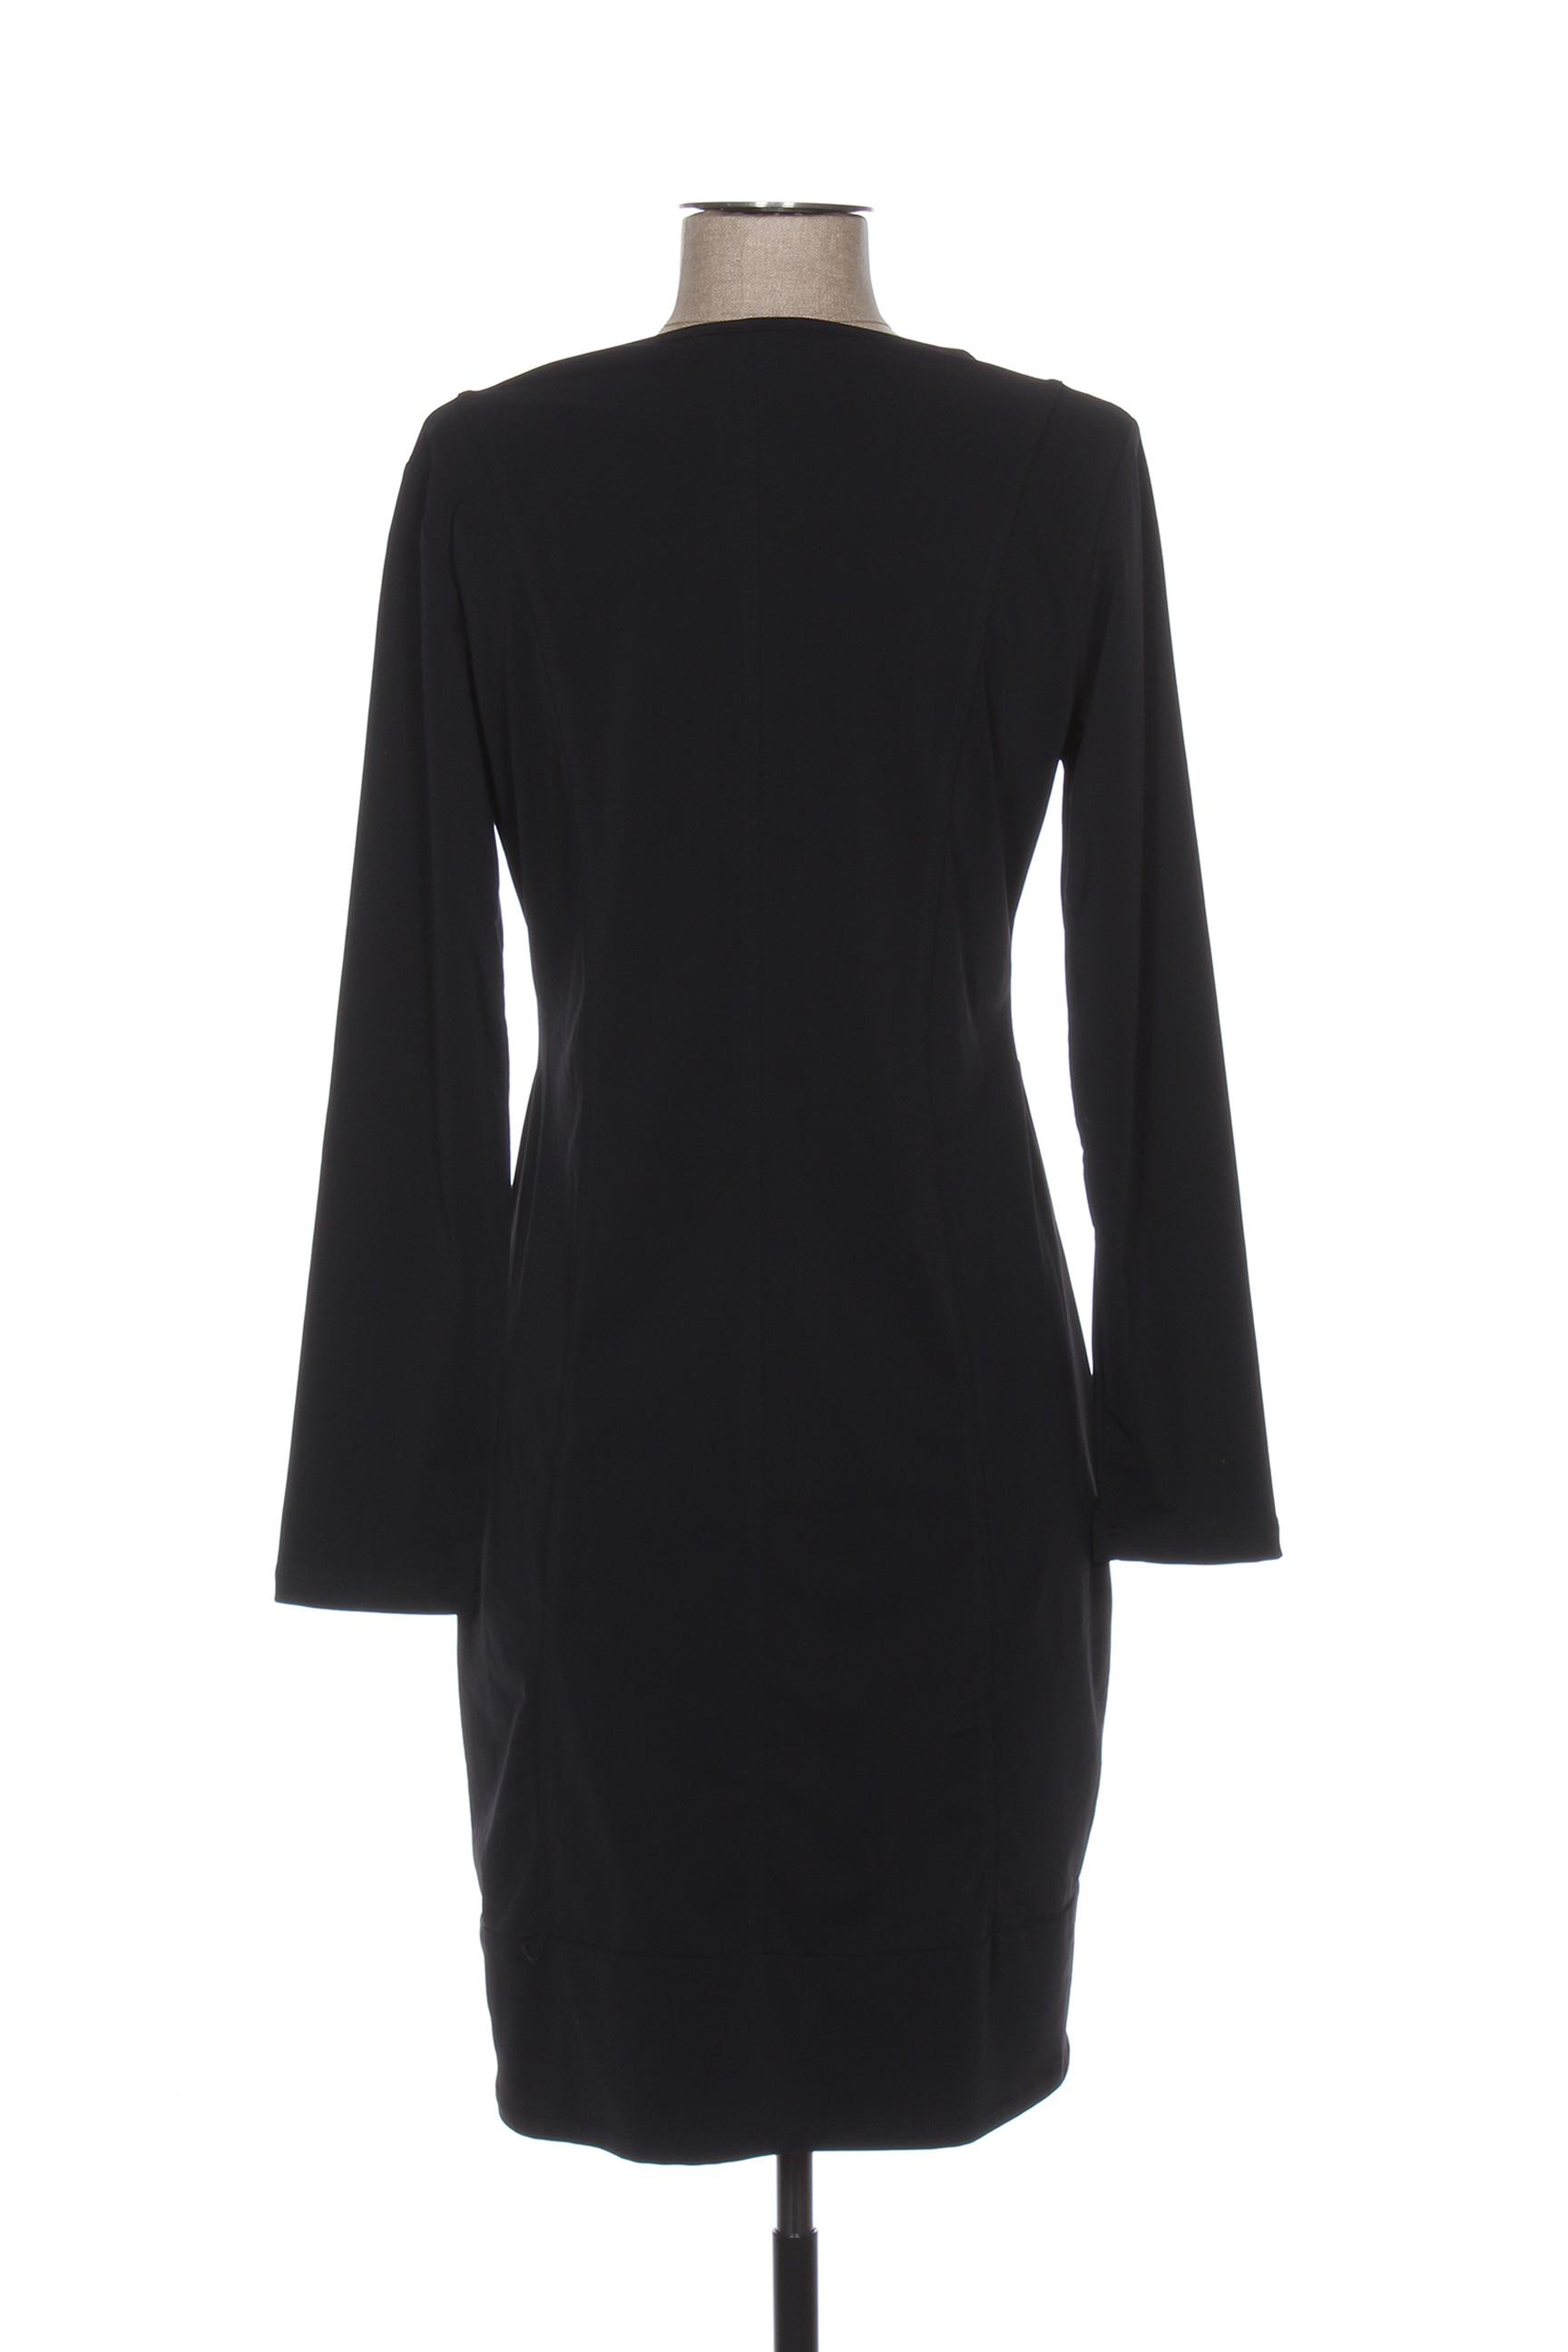 Maloka Robes Mi Longues Femme De Couleur Noir En Soldes Pas Cher 1298000-noir00